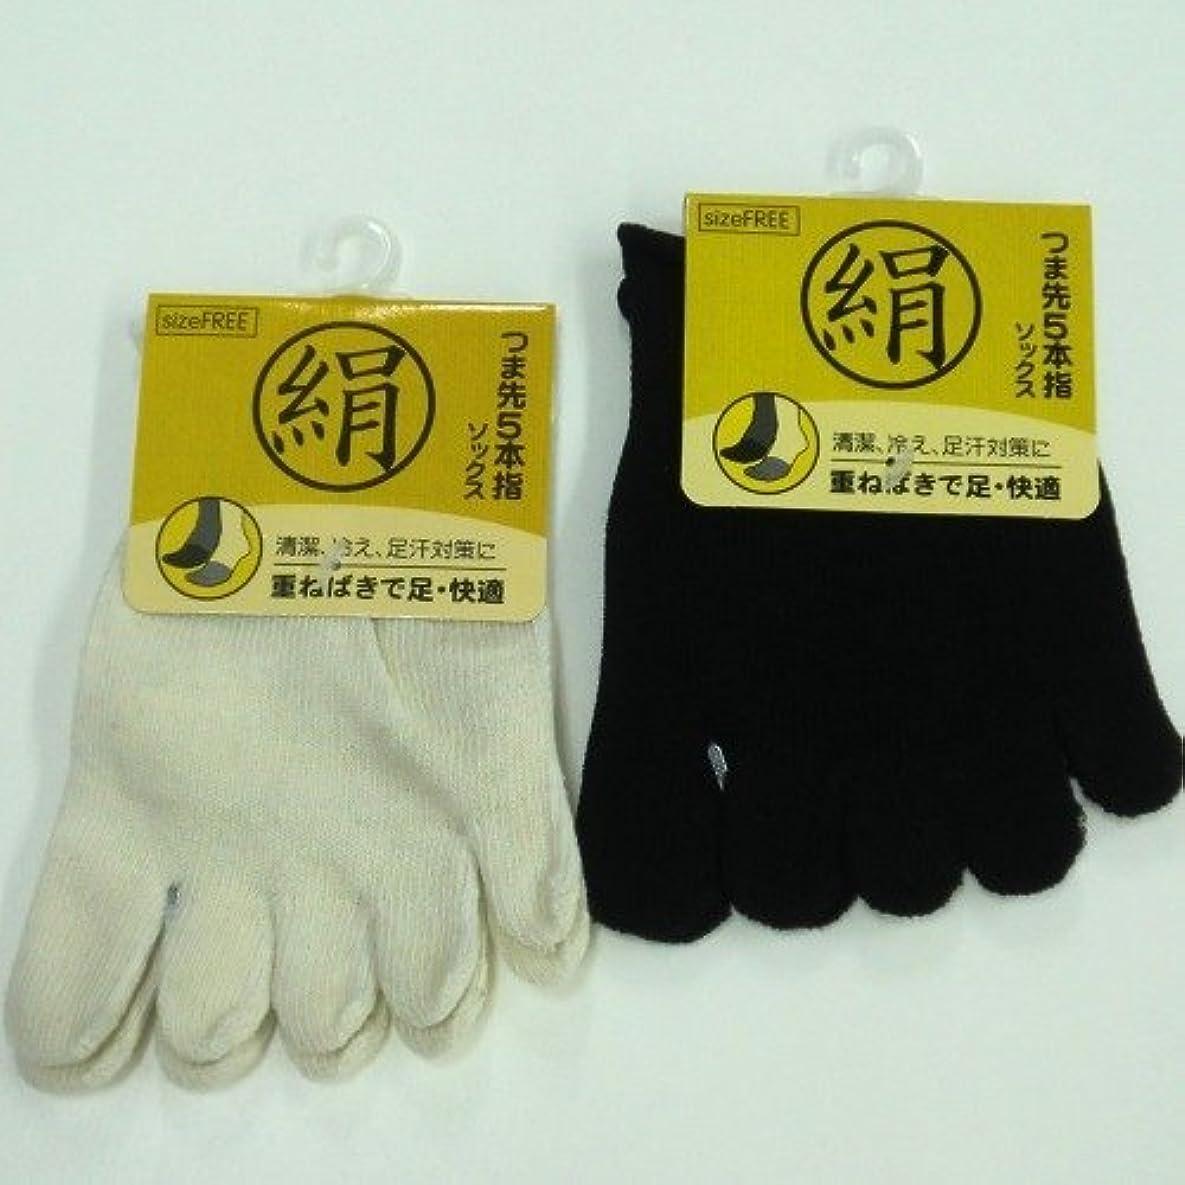 満足できる持つ繰り返すシルク 5本指ハーフソックス 足指カバー 天然素材絹で抗菌防臭 3足組 (色はお任せ)